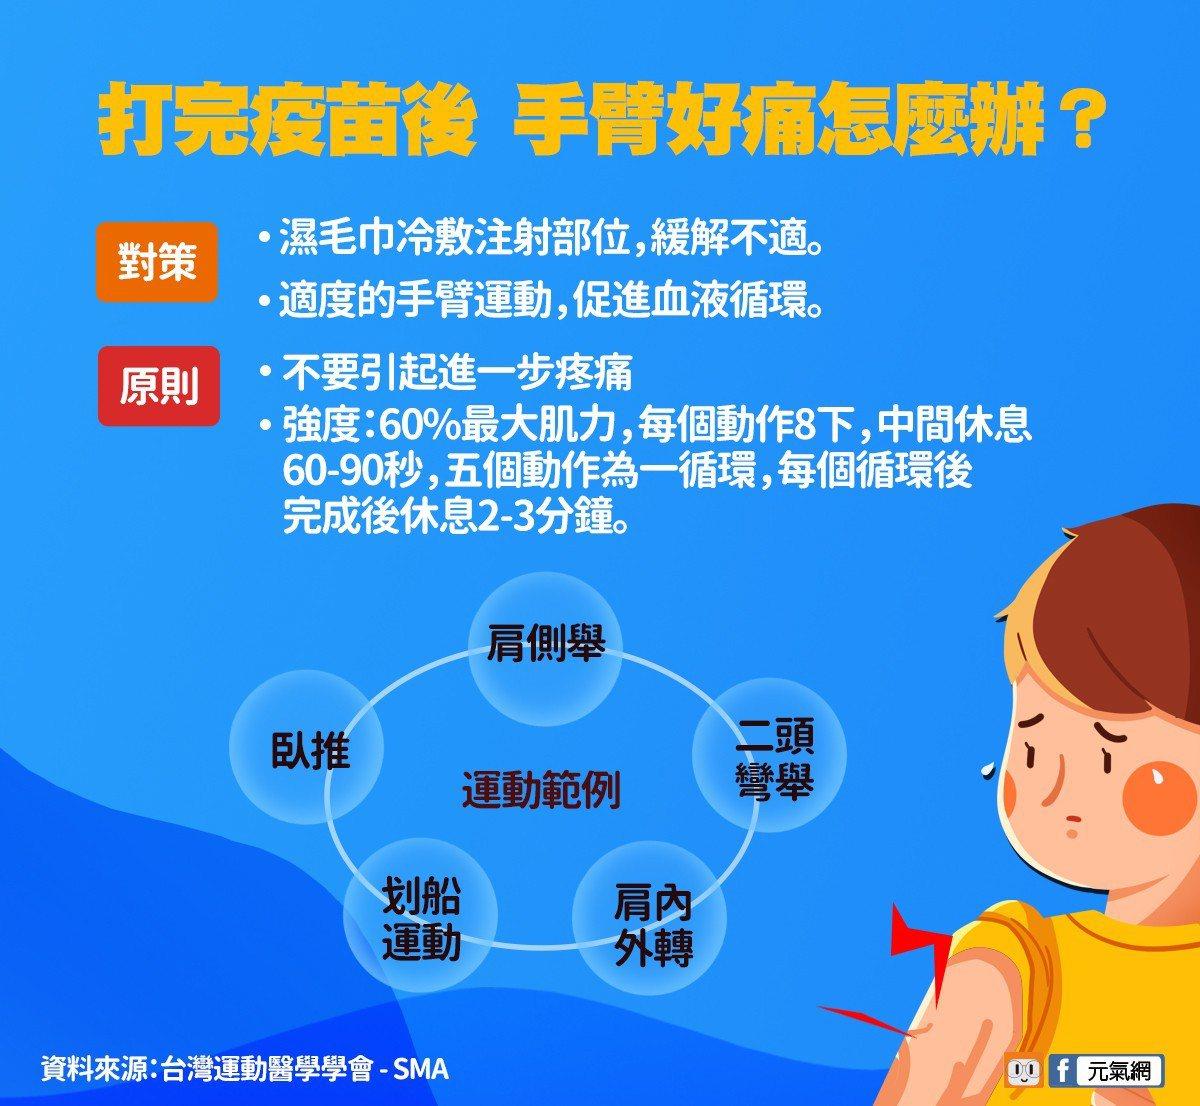 資料來源:《台灣運動醫學學會 - SMA》臉書。